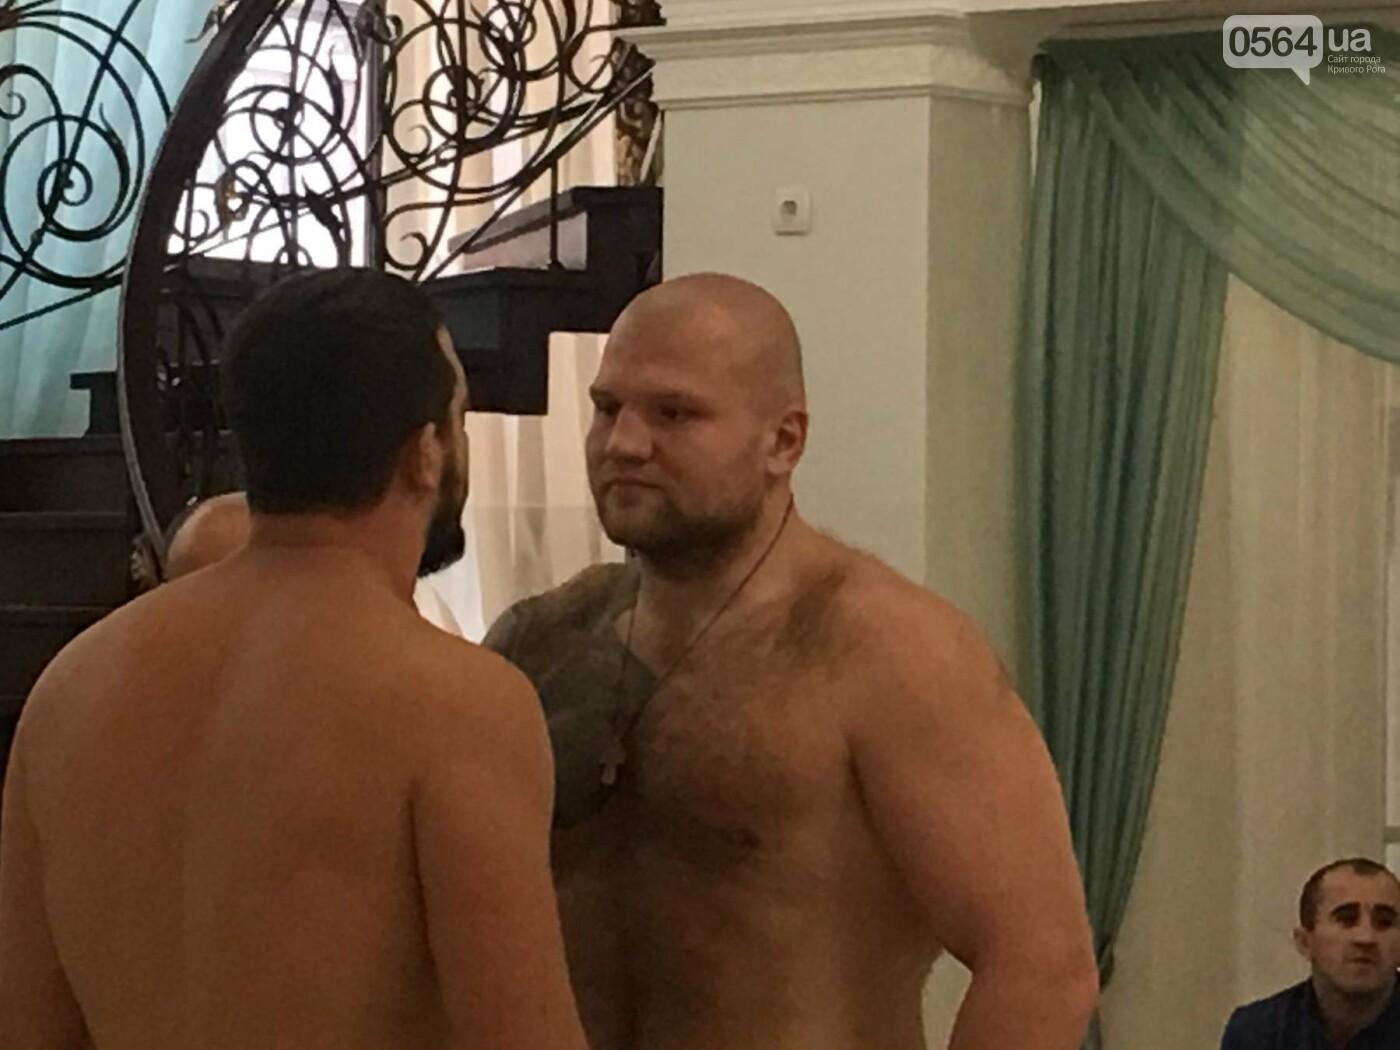 Перед вечером грандиозного бокса в Кривом Роге спортсмены показали отличную физическую форму (ФОТО, ВИДЕО), фото-7